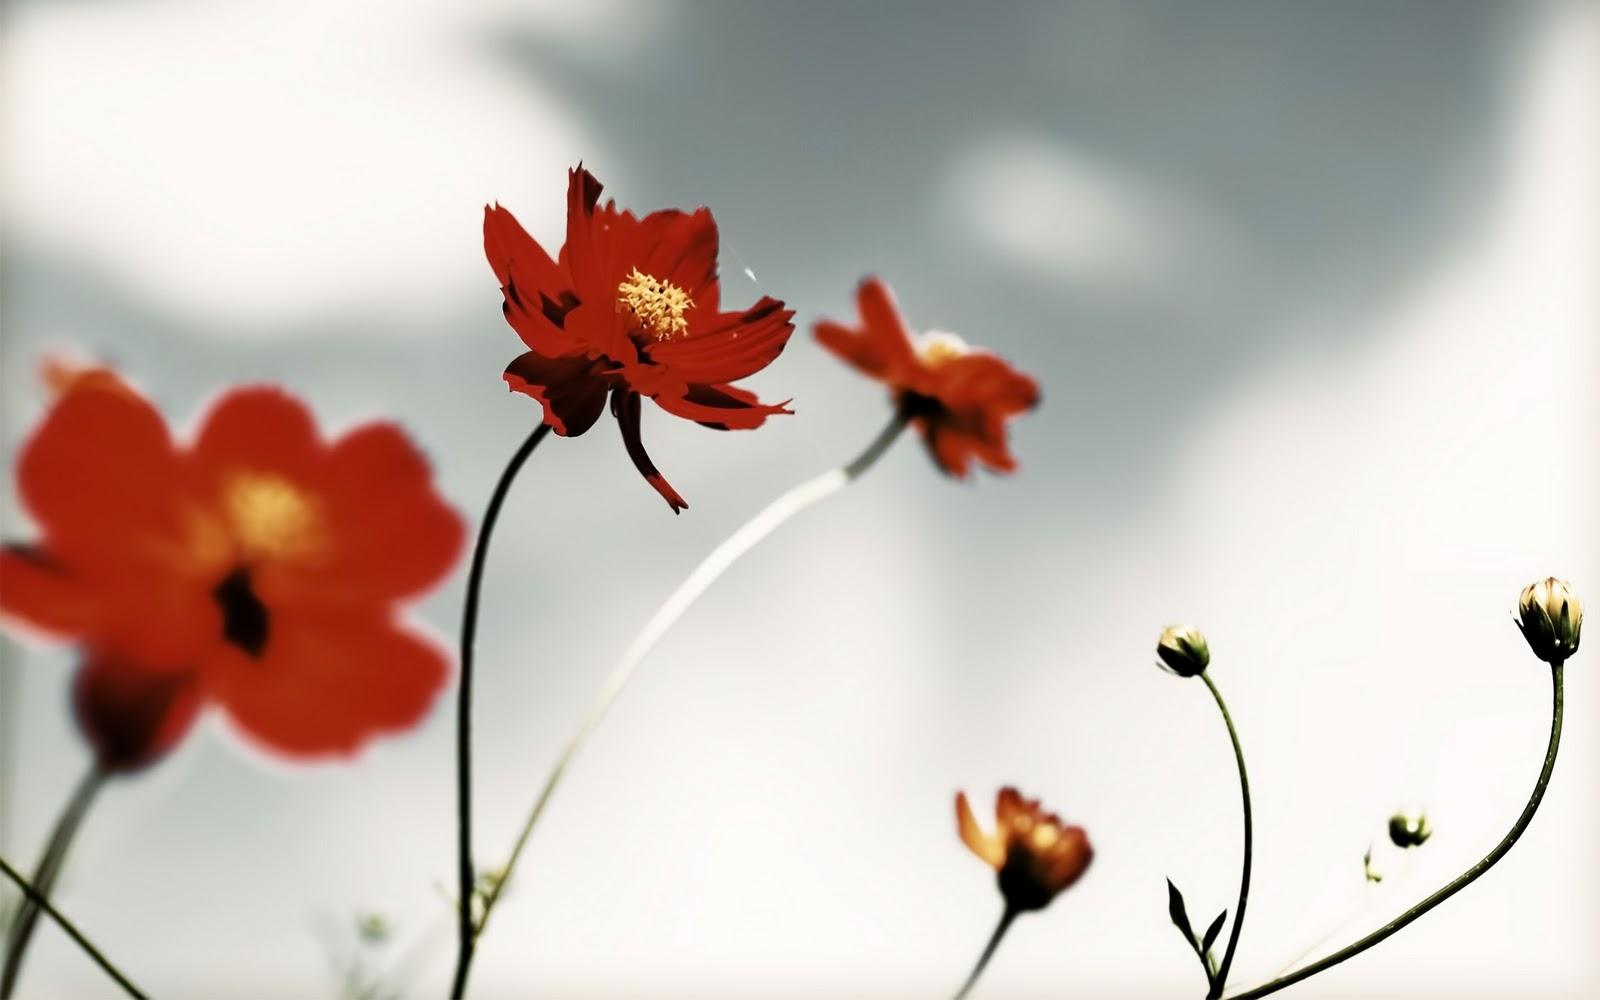 http://4.bp.blogspot.com/-QjAMXwugJDQ/TnXaCNjH5nI/AAAAAAAABIY/aVNVf-L22GA/s1600/red-flower-wallpaper.jpg